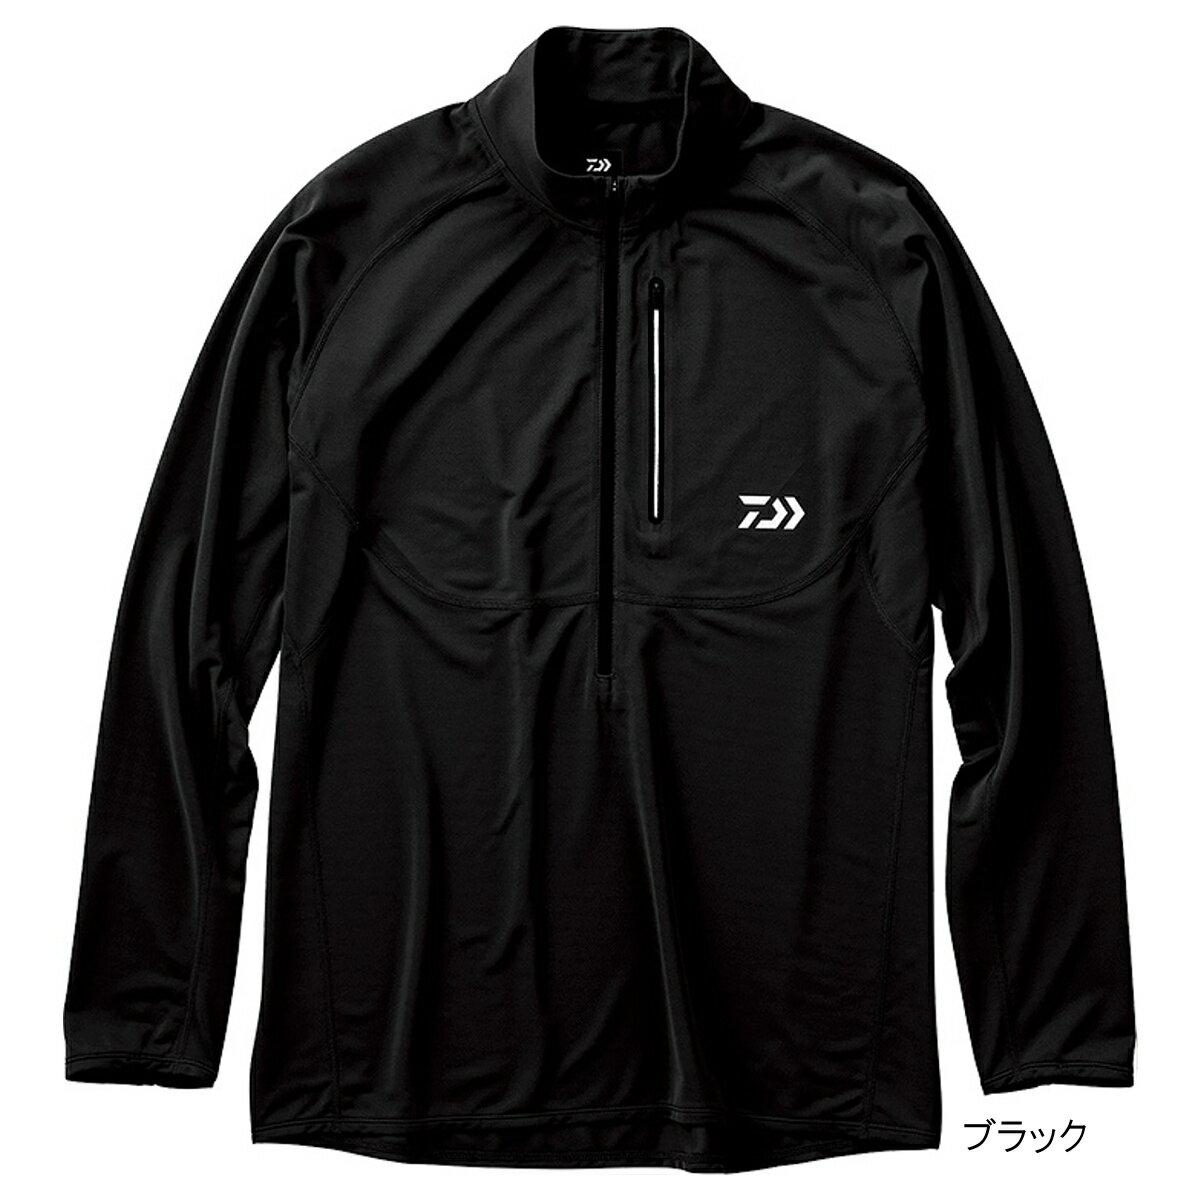 【12月は毎日お得!エントリーP10倍&5%還元!】アクティブジップアップシャツ DE-35009 L ブラック ダイワ